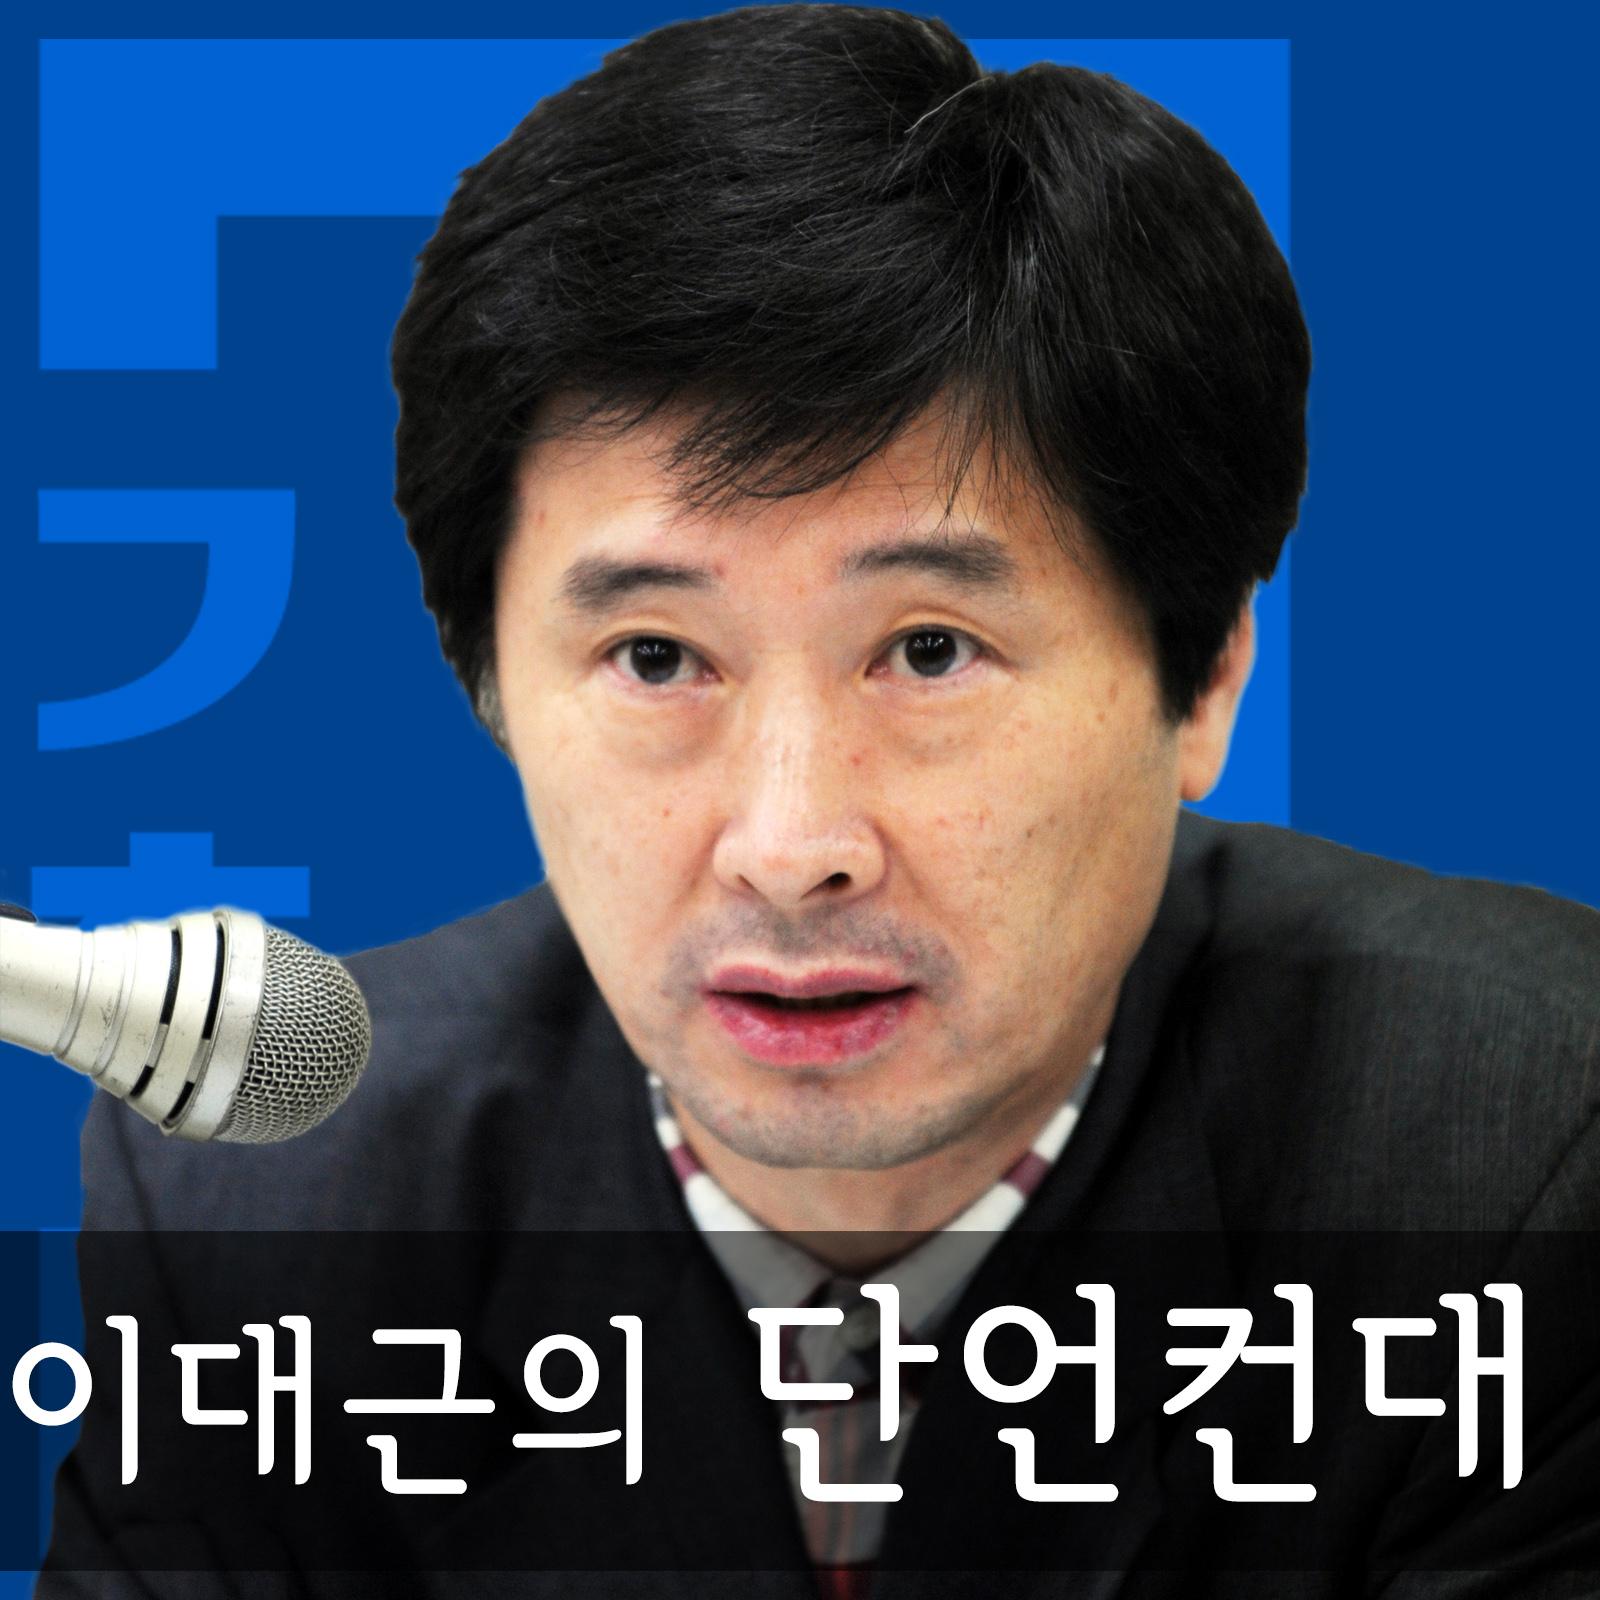 [경향신문]이대근의 단언컨대